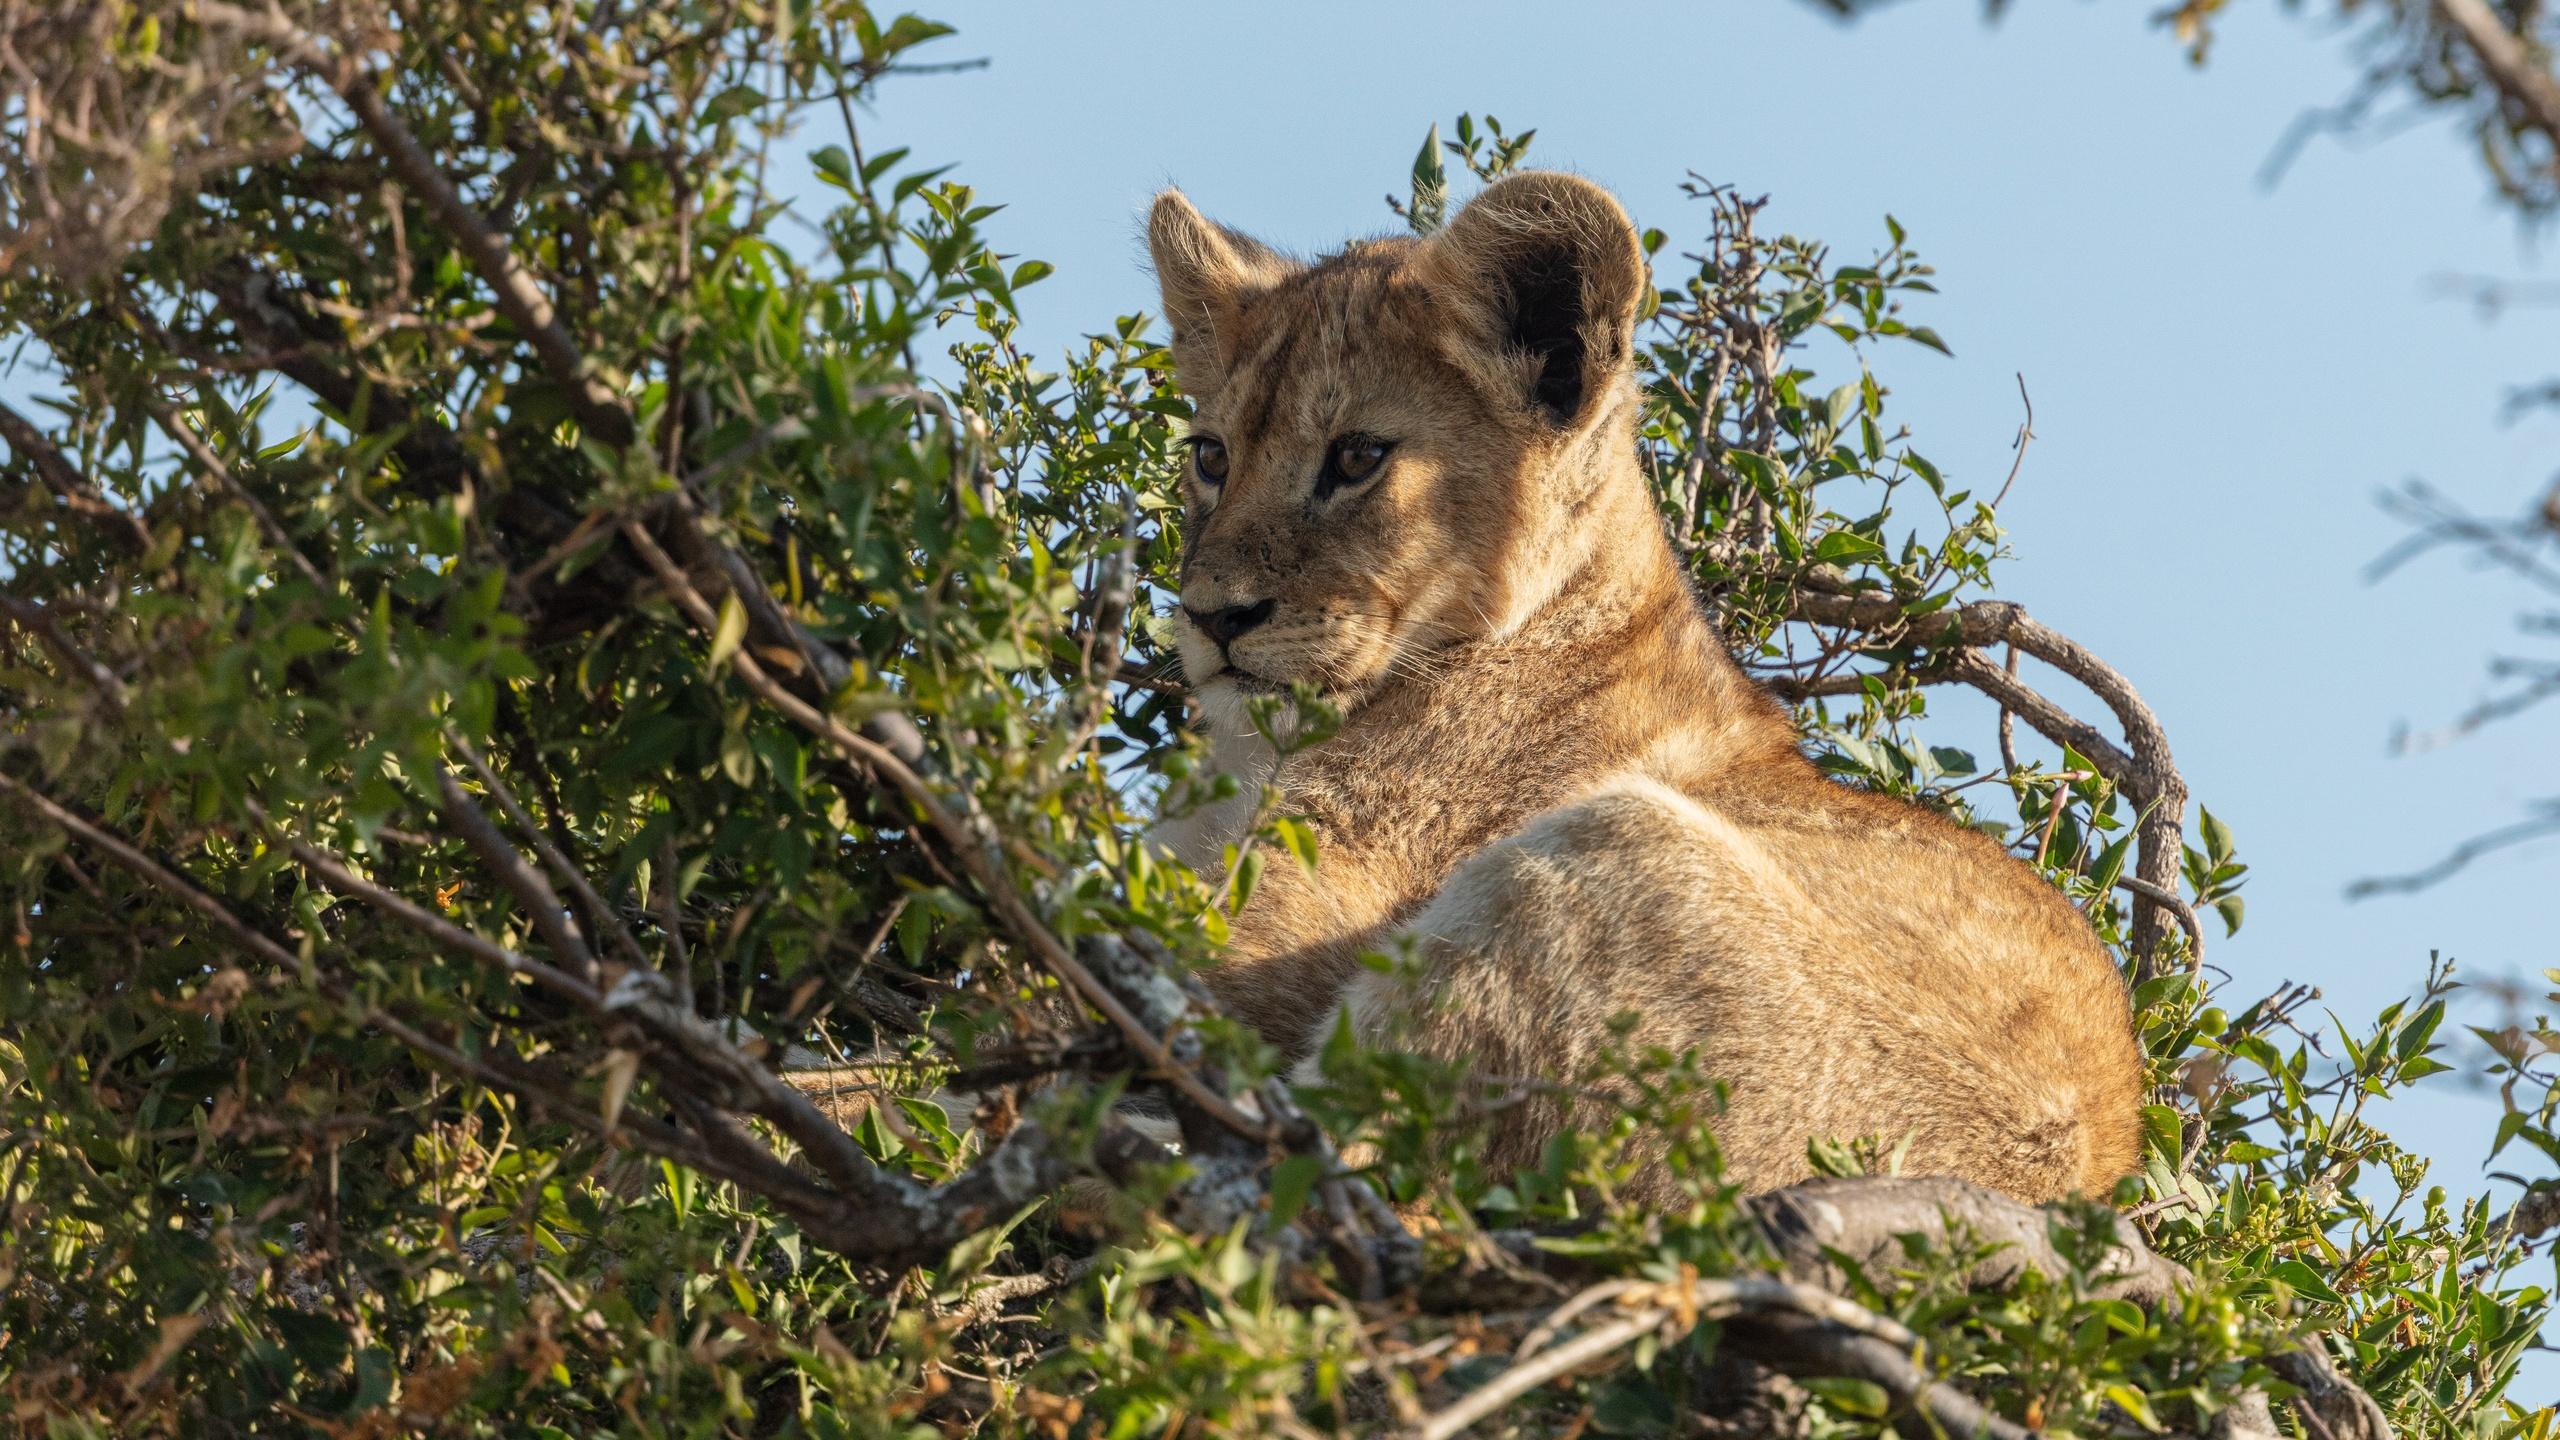 львенок, лев, животное, ветка, дикая природа